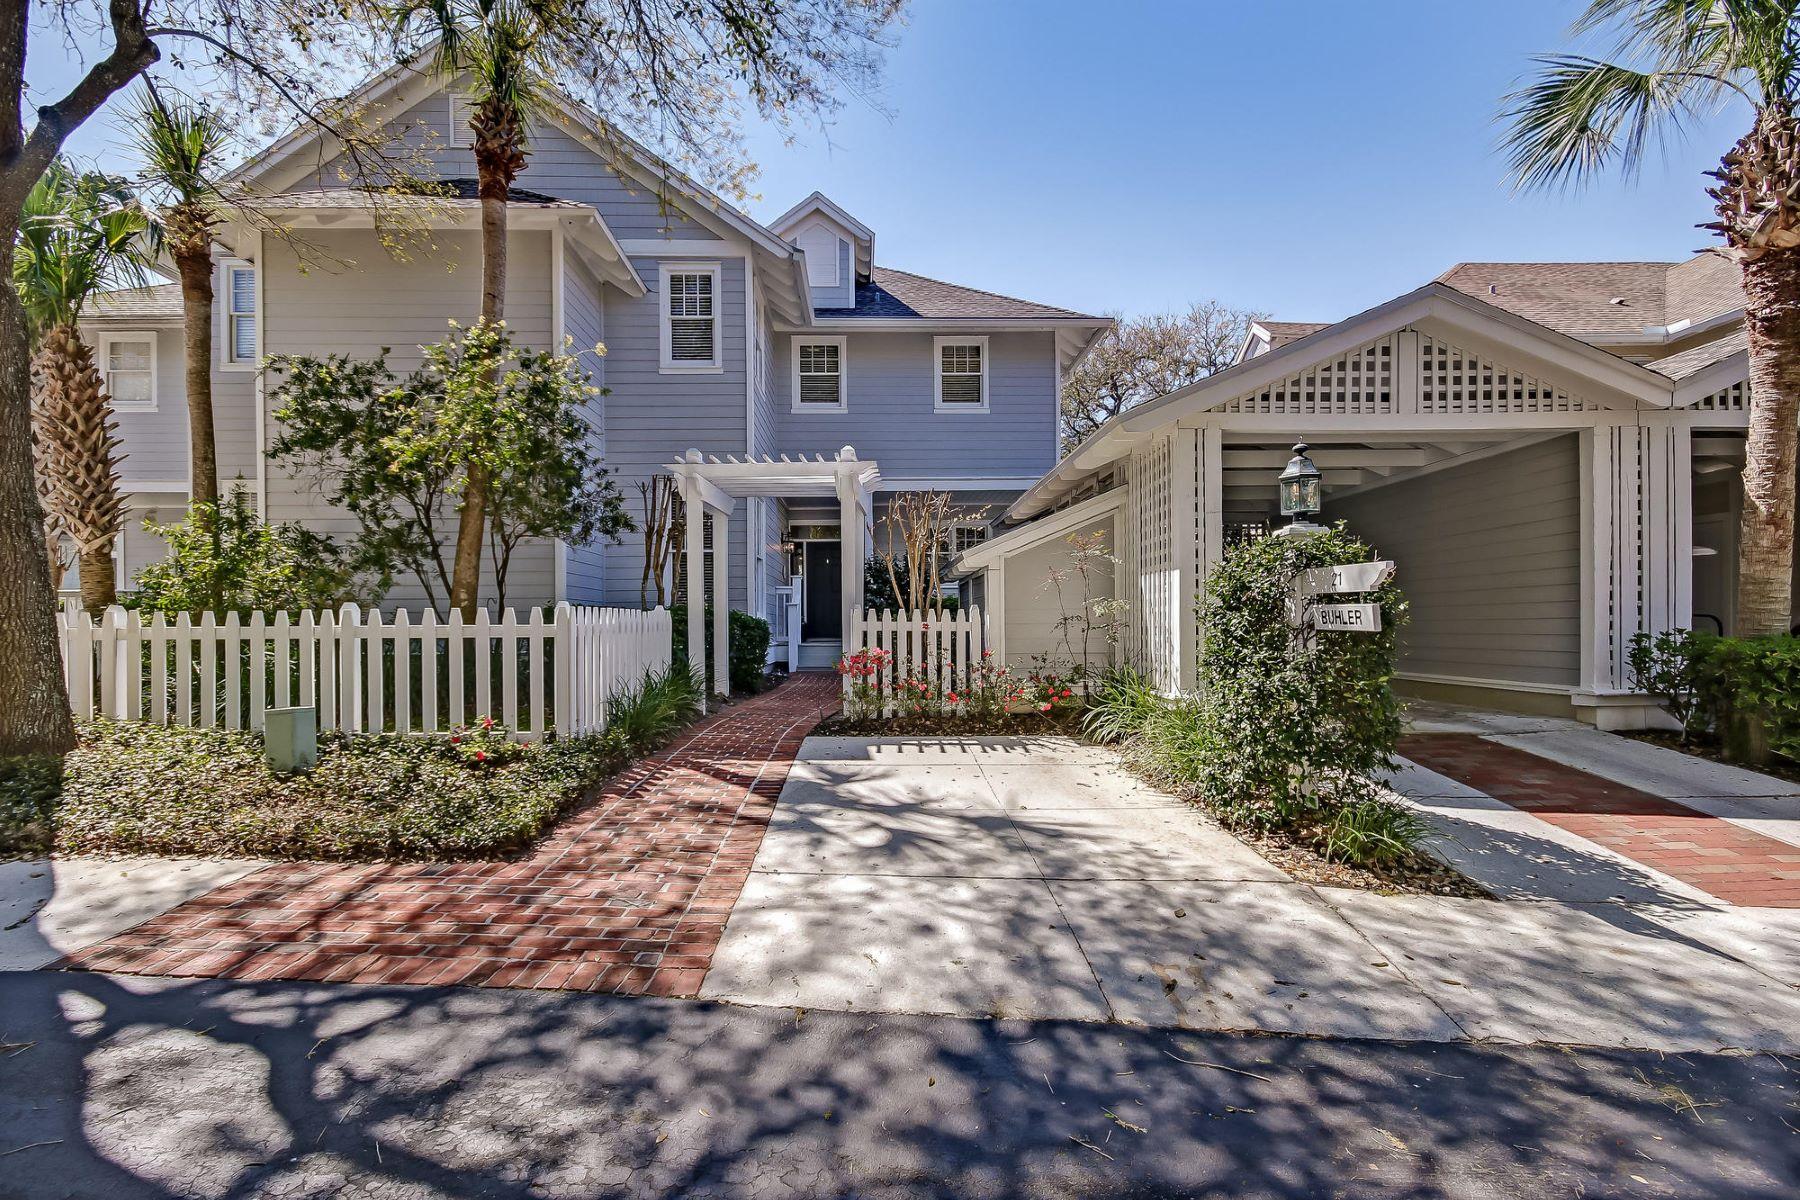 联栋屋 为 销售 在 21 Little Dunes Circle 阿梅利亚, 佛罗里达州, 32034 美国